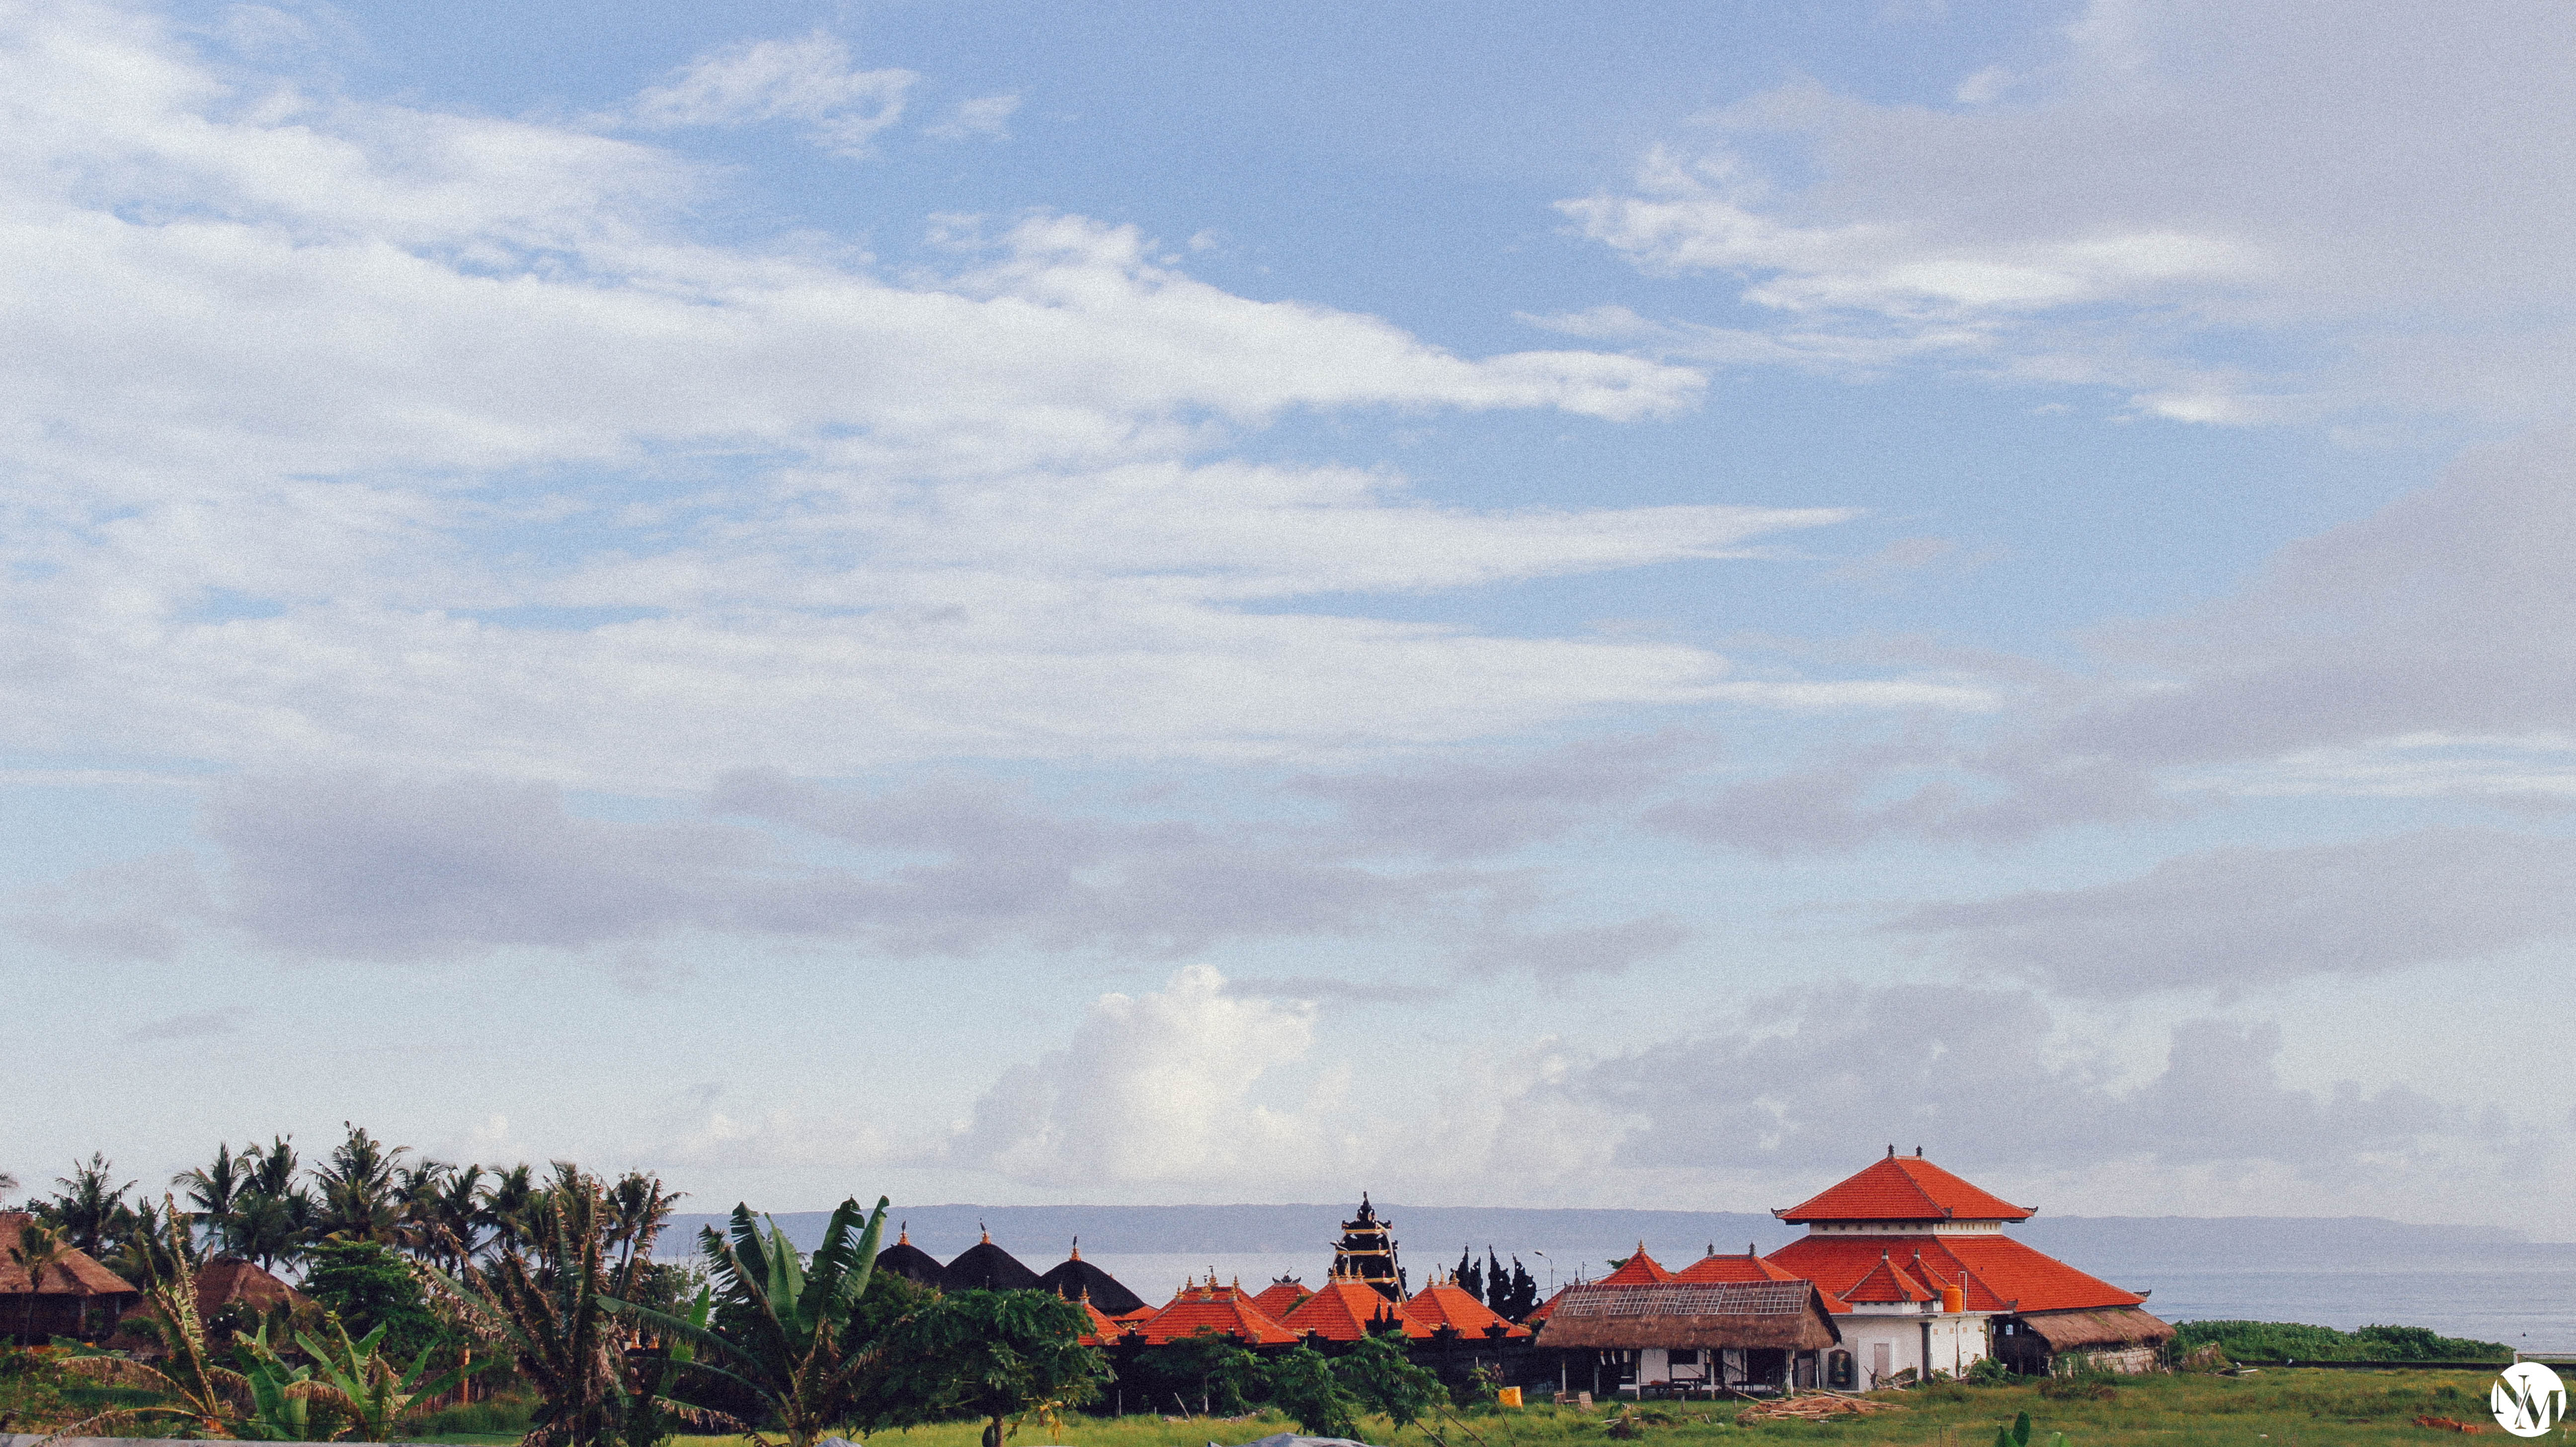 Canggu Bali Travel Guide by Noni May-41